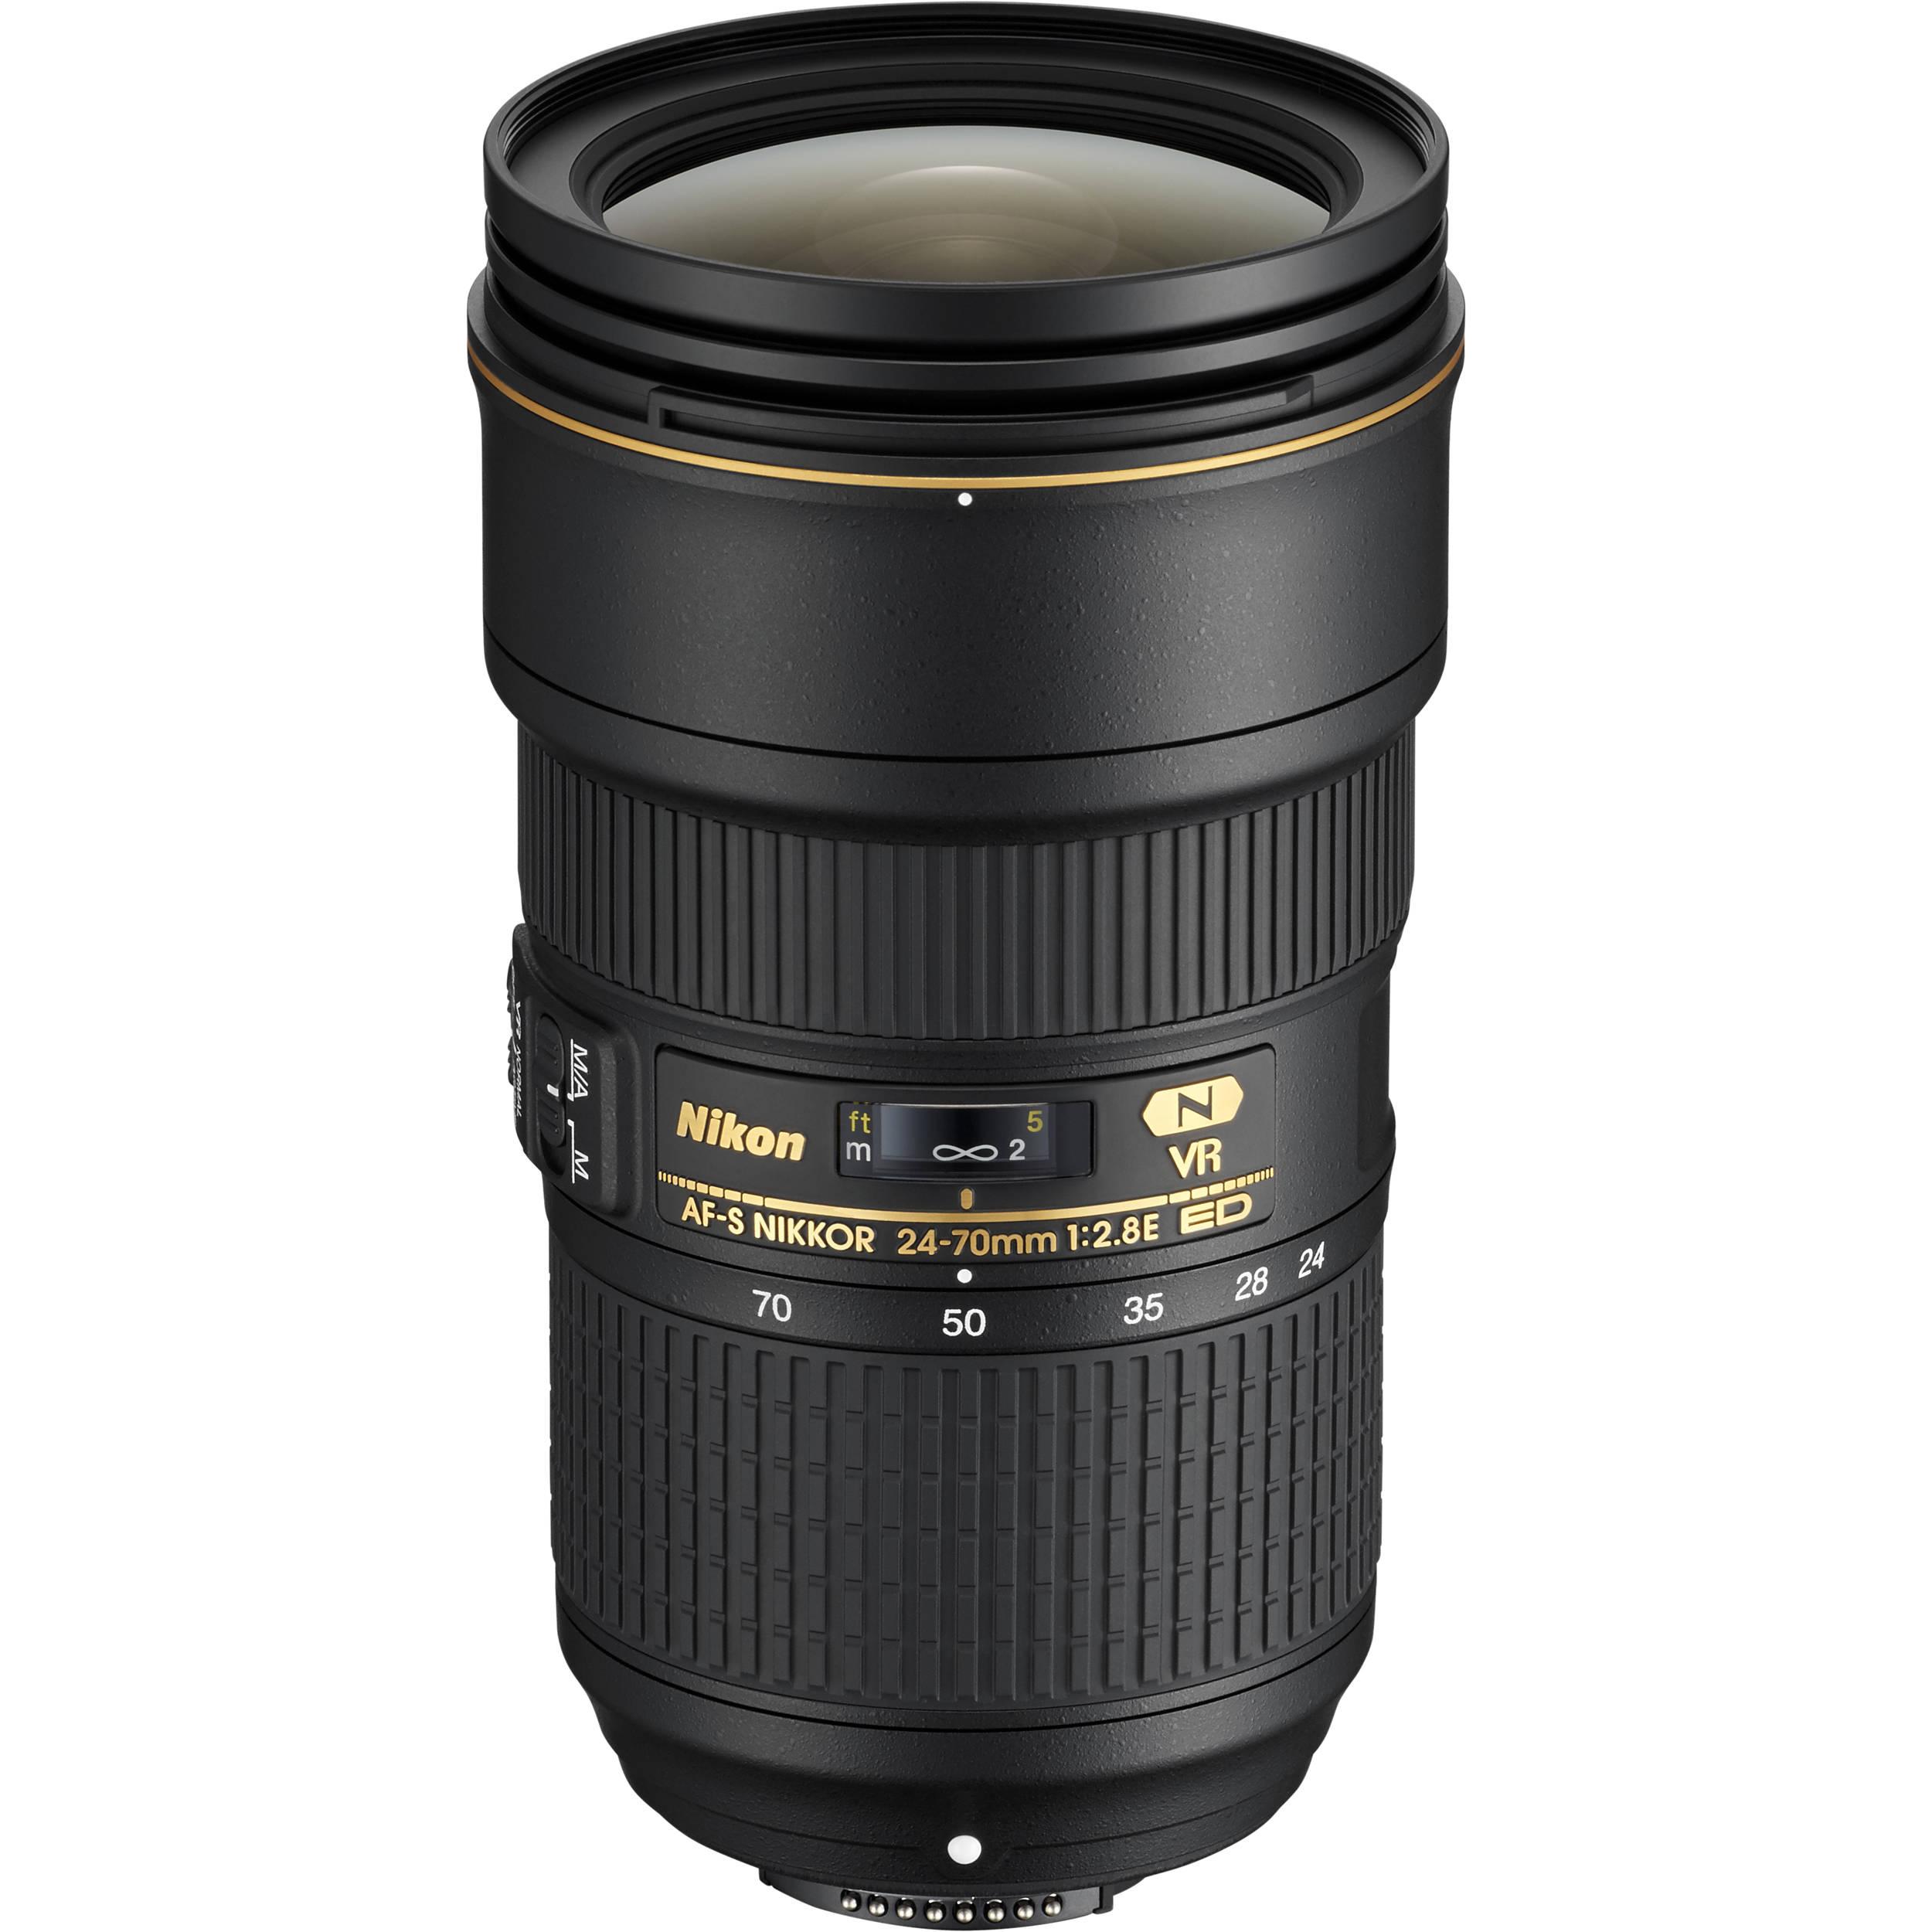 Nikon AF 24-70mm f/2.8